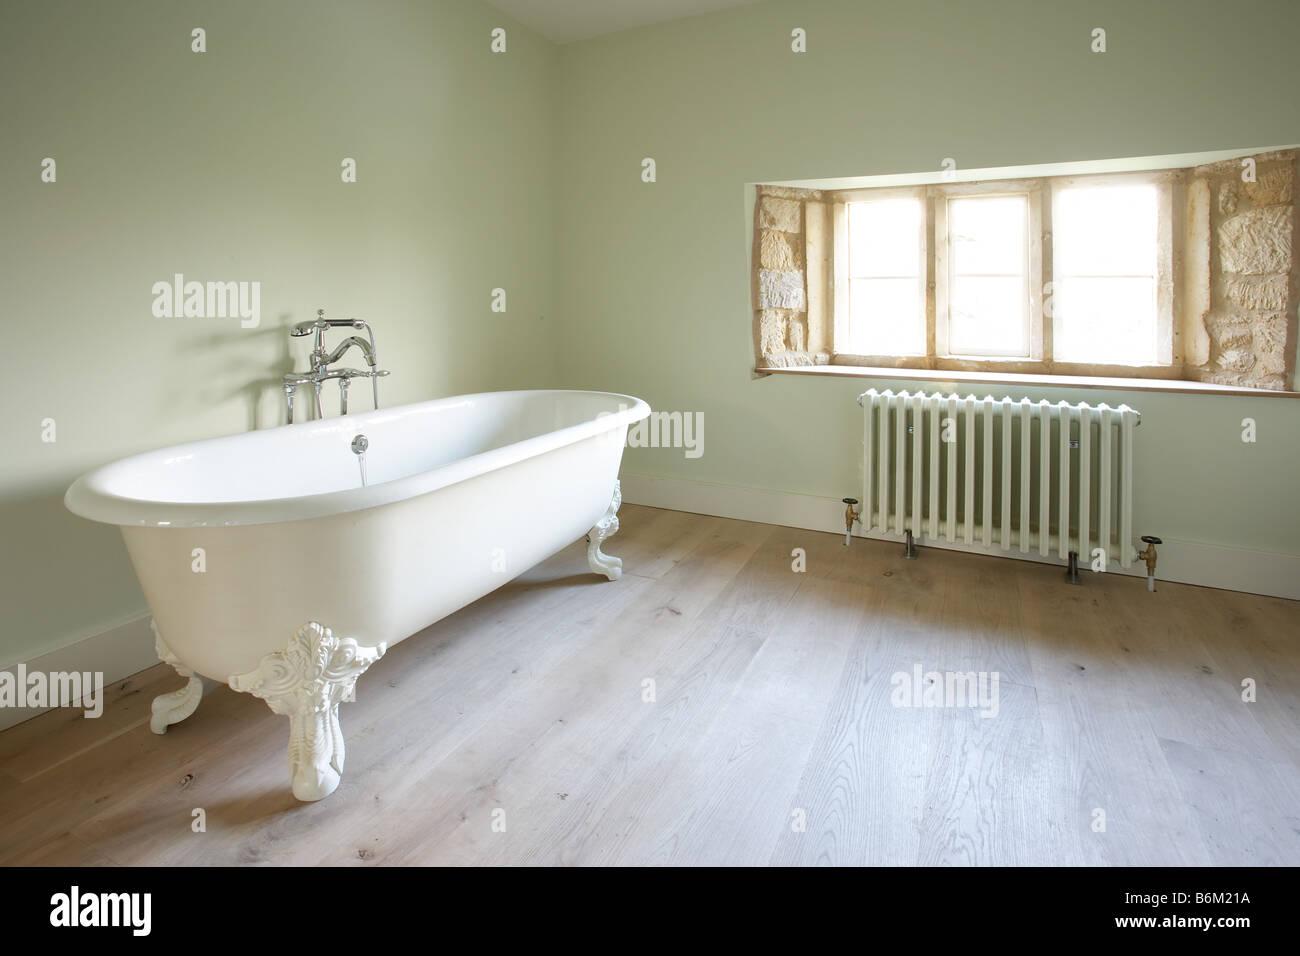 Freistehenden viktorianischen Stil weiße Bad Badewanne ...